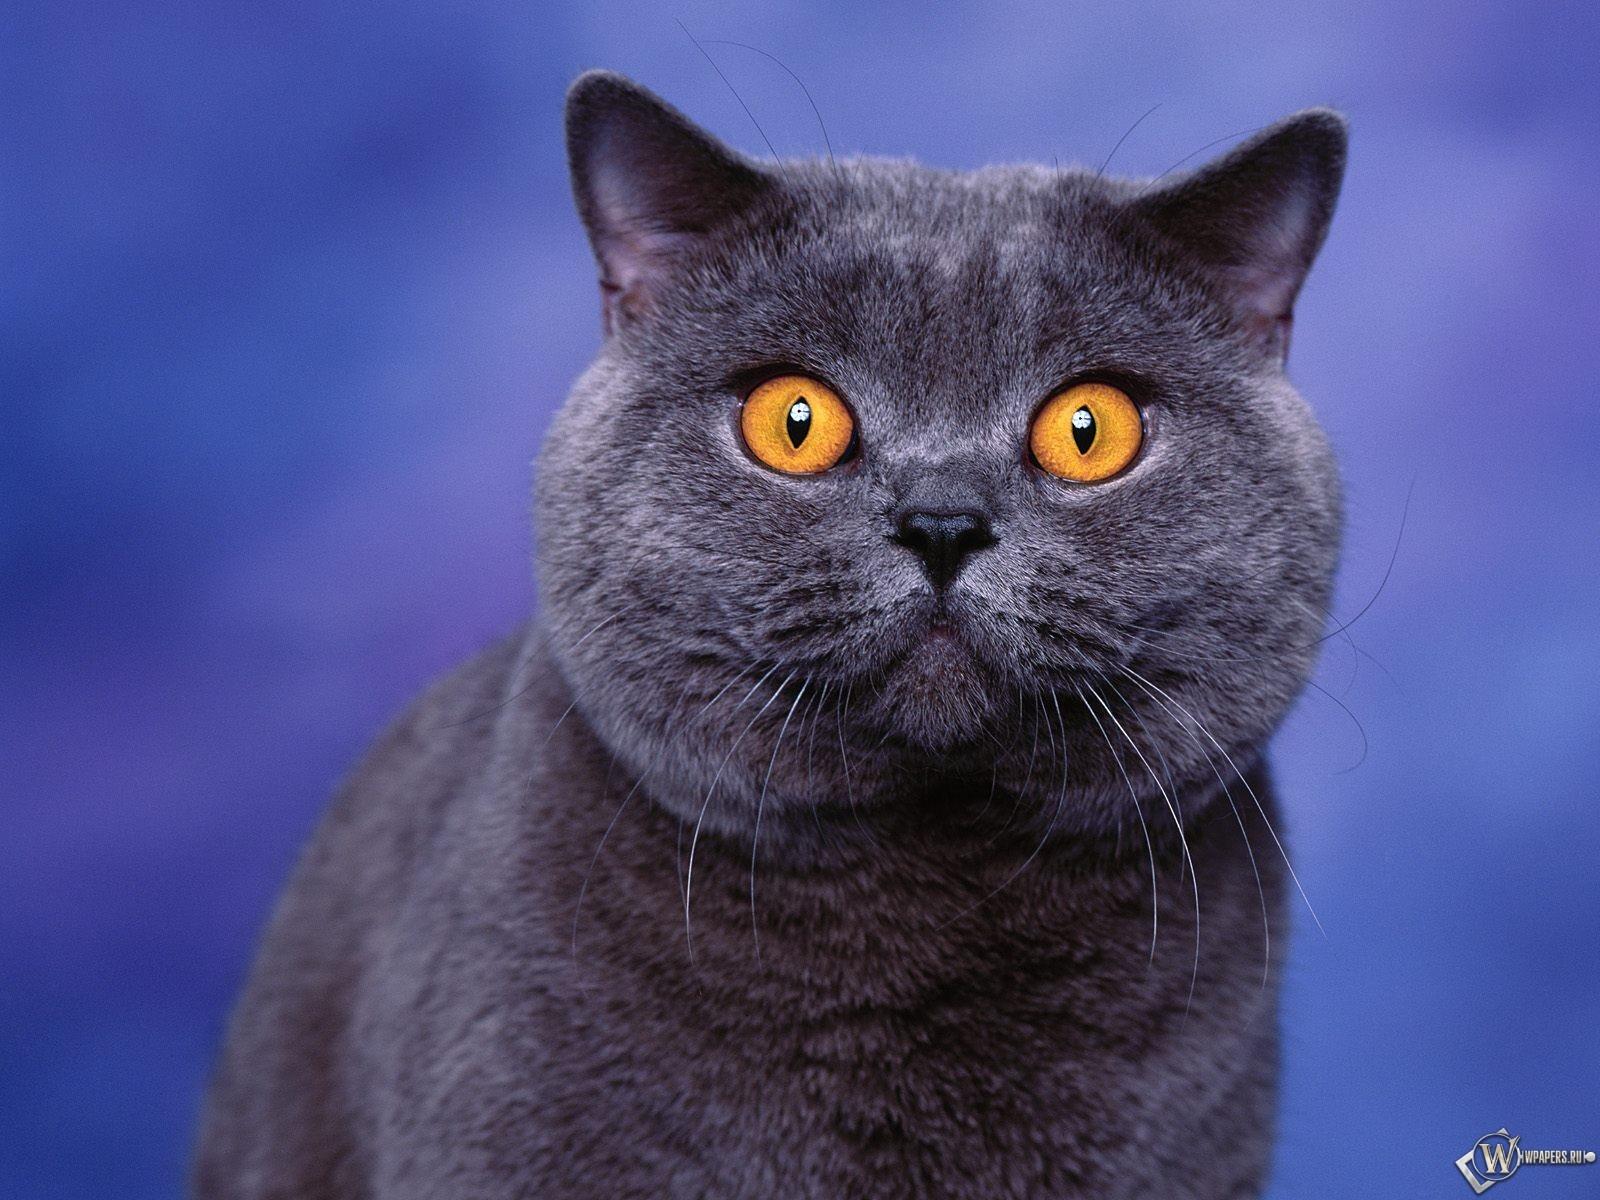 Глазастый кот 1600x1200